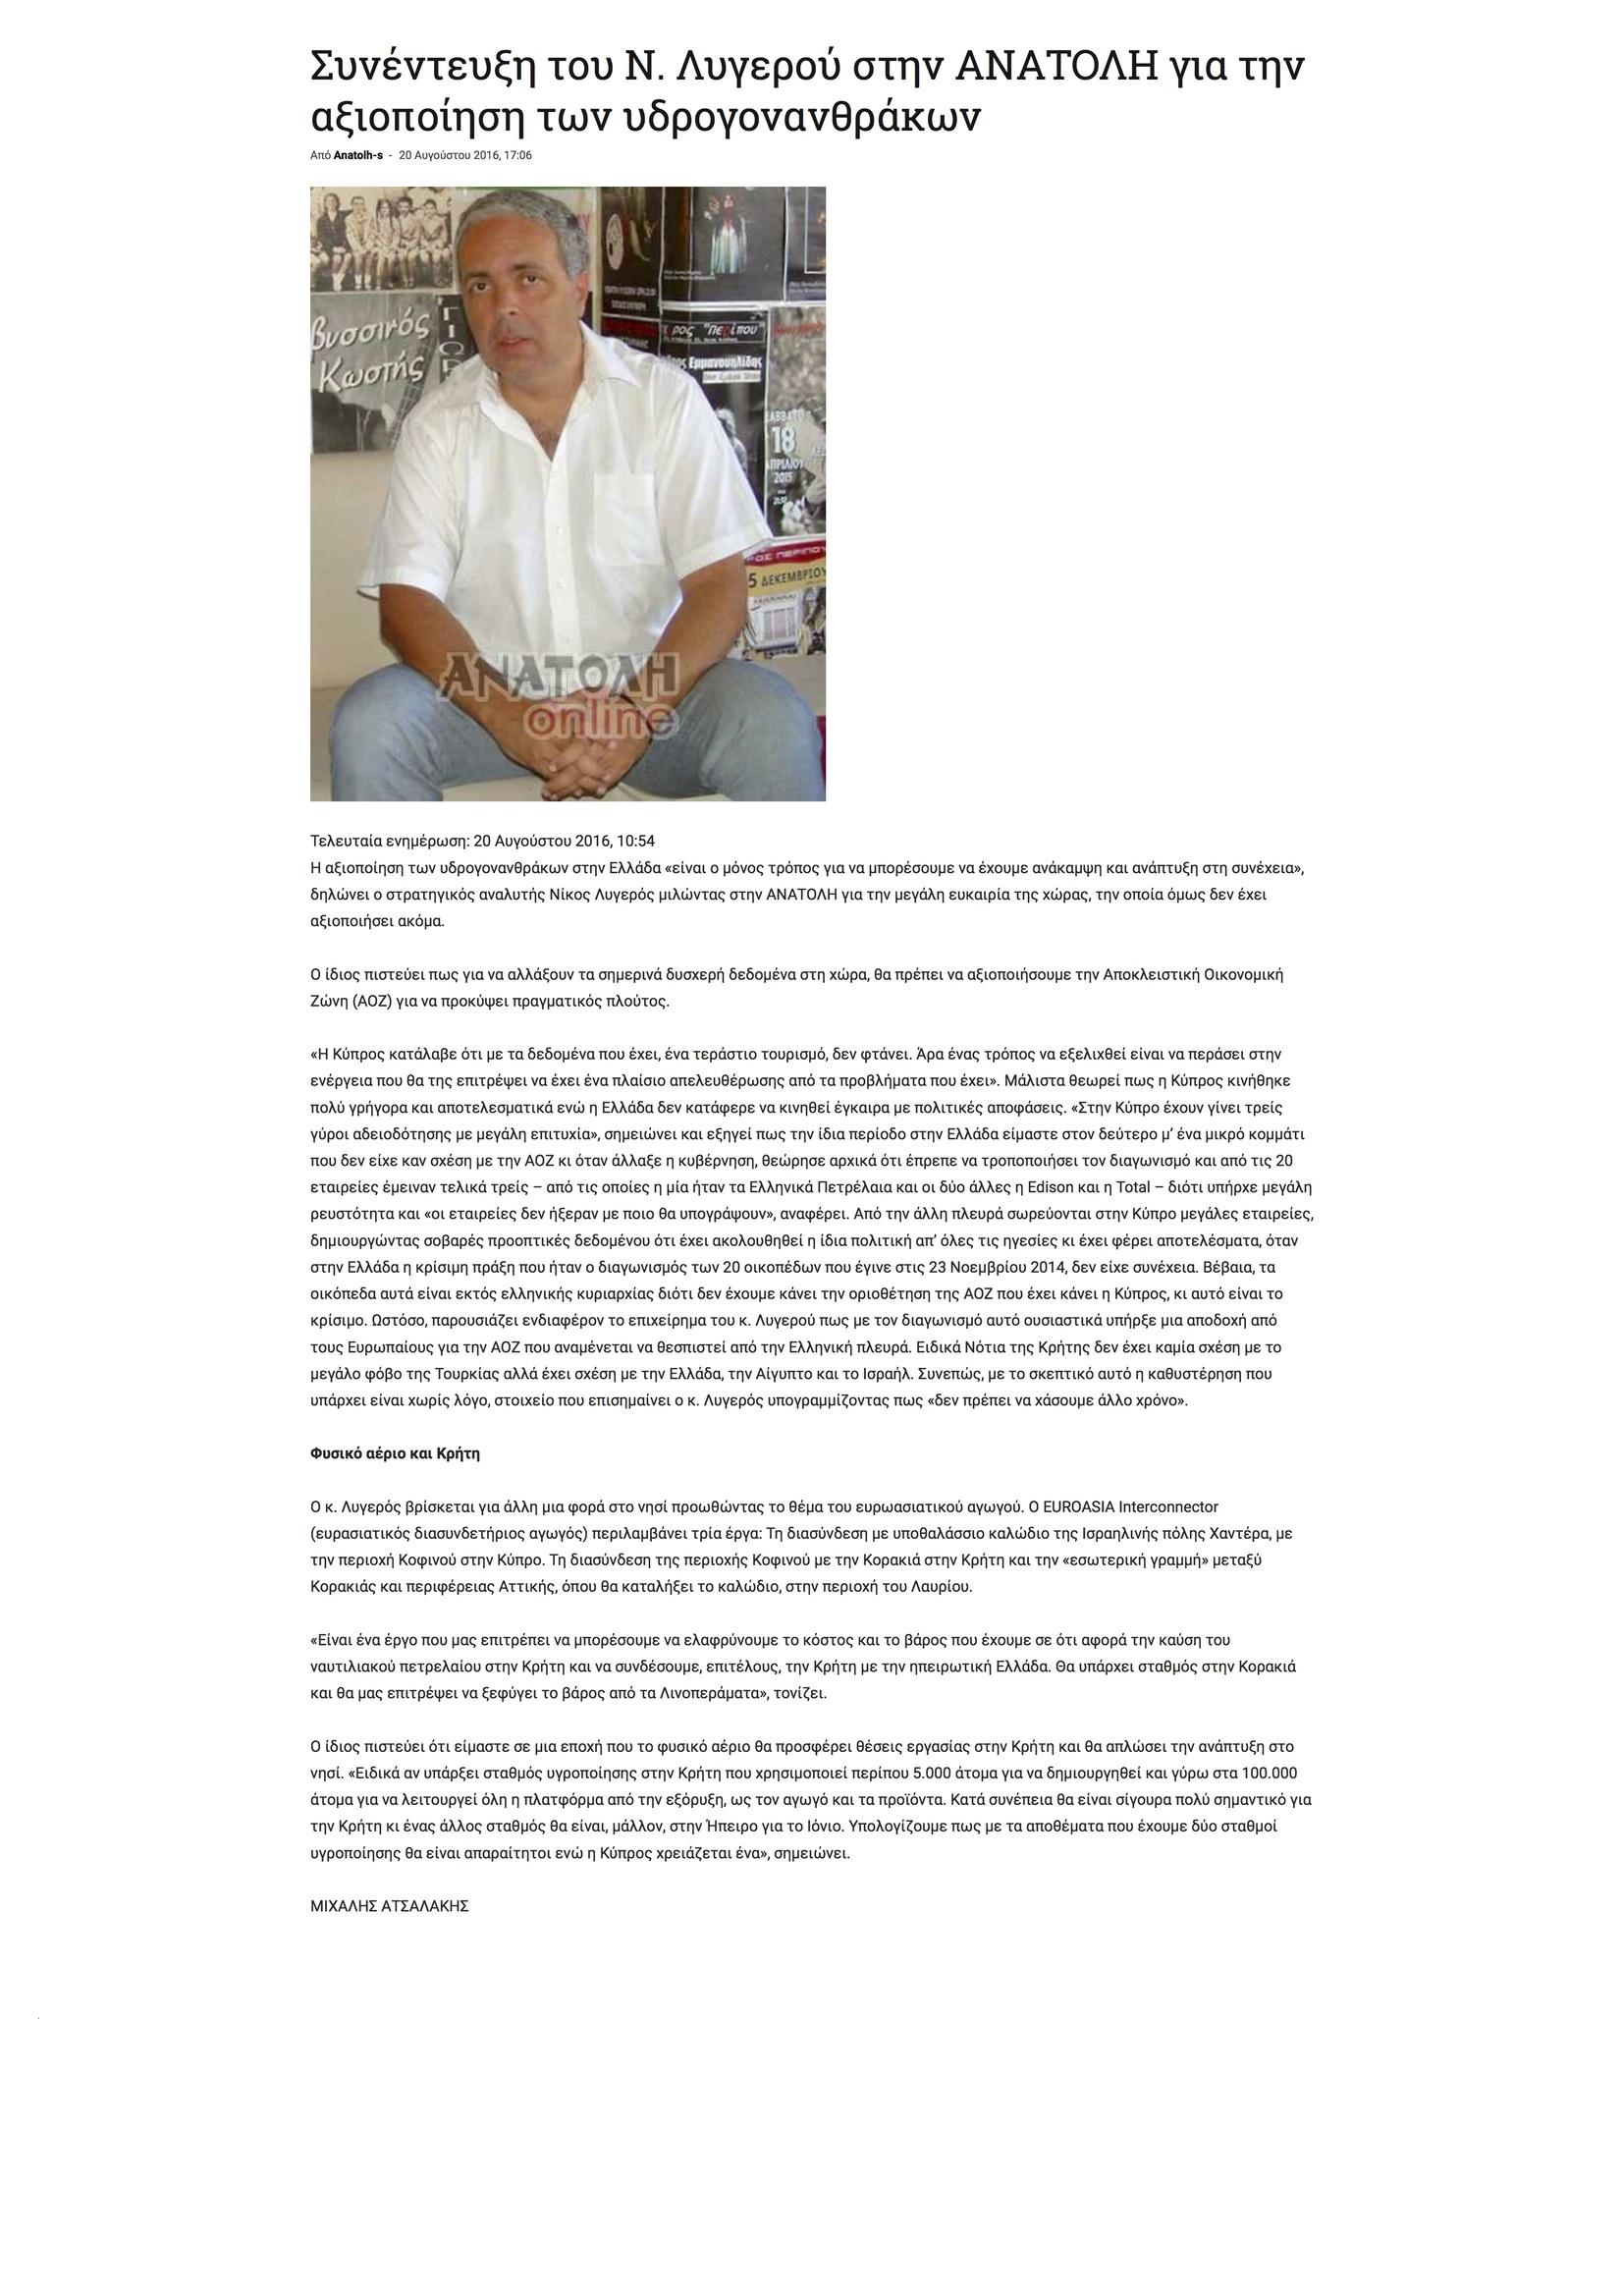 Συνέντευξη του Ν. Λυγερού στην ΑΝΑΤΟΛΗ για την αξιοποίηση των υδρογονανθράκων, ΑΝΑΤΟΛΗ ONLINE, 20/08/2016 -